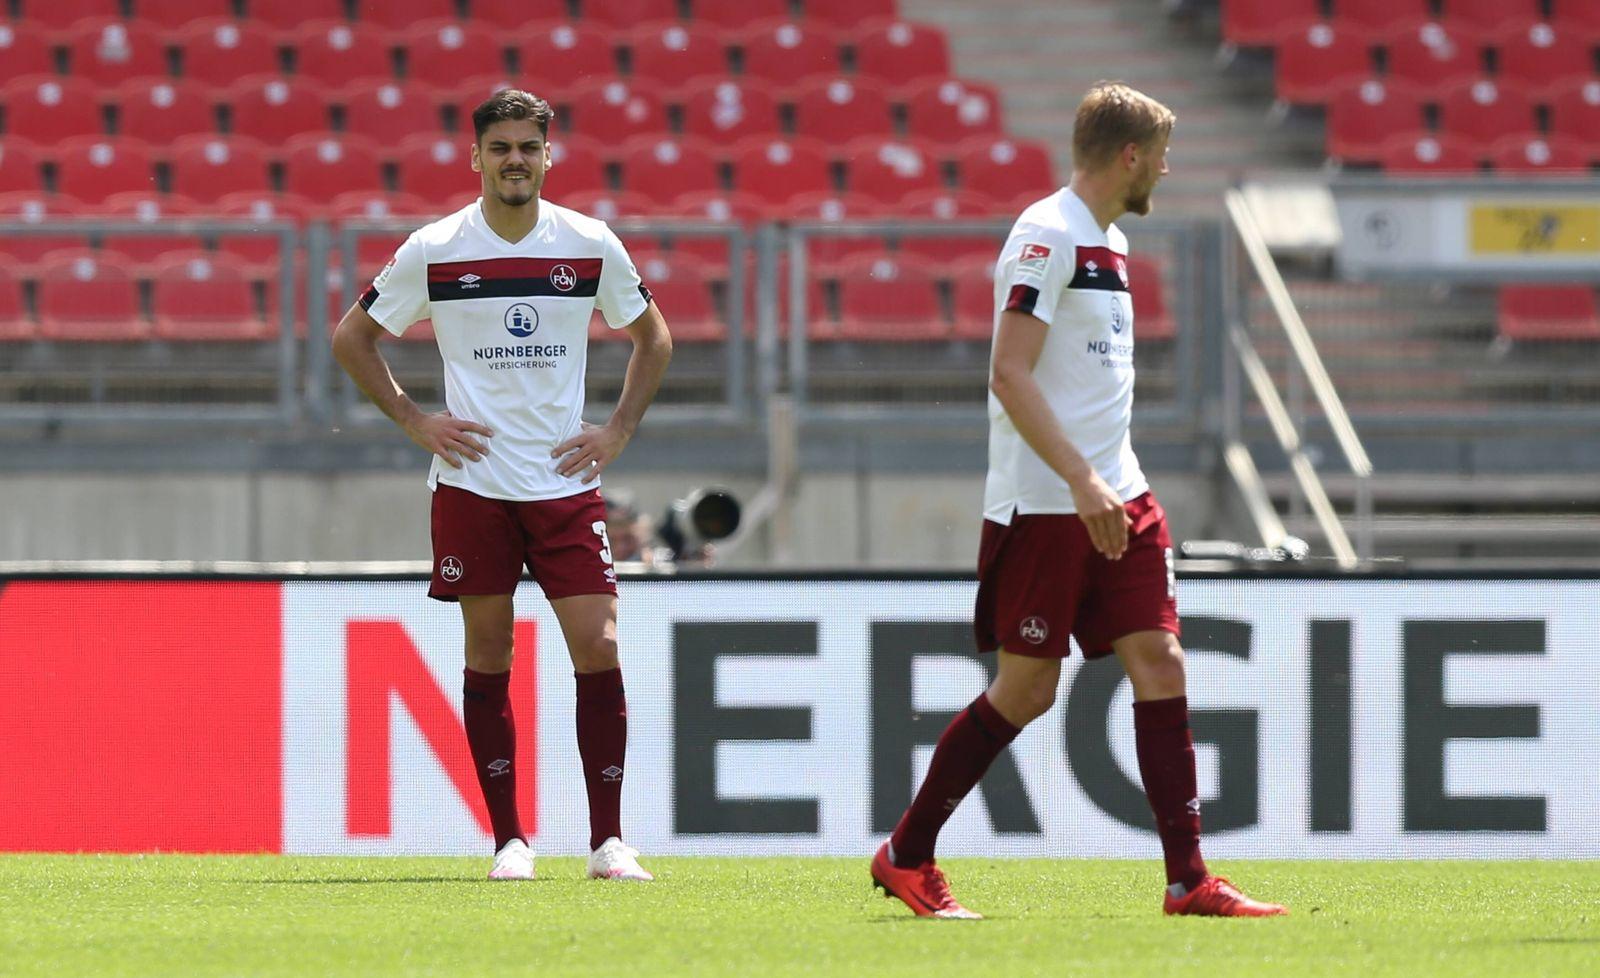 13.06.2020 - Fussball - Saison 2019 2020 - 2. Fussball - Bundesliga - 31. Spieltag: 1. FC Nürnberg FCN ( Club ) - SpVgg